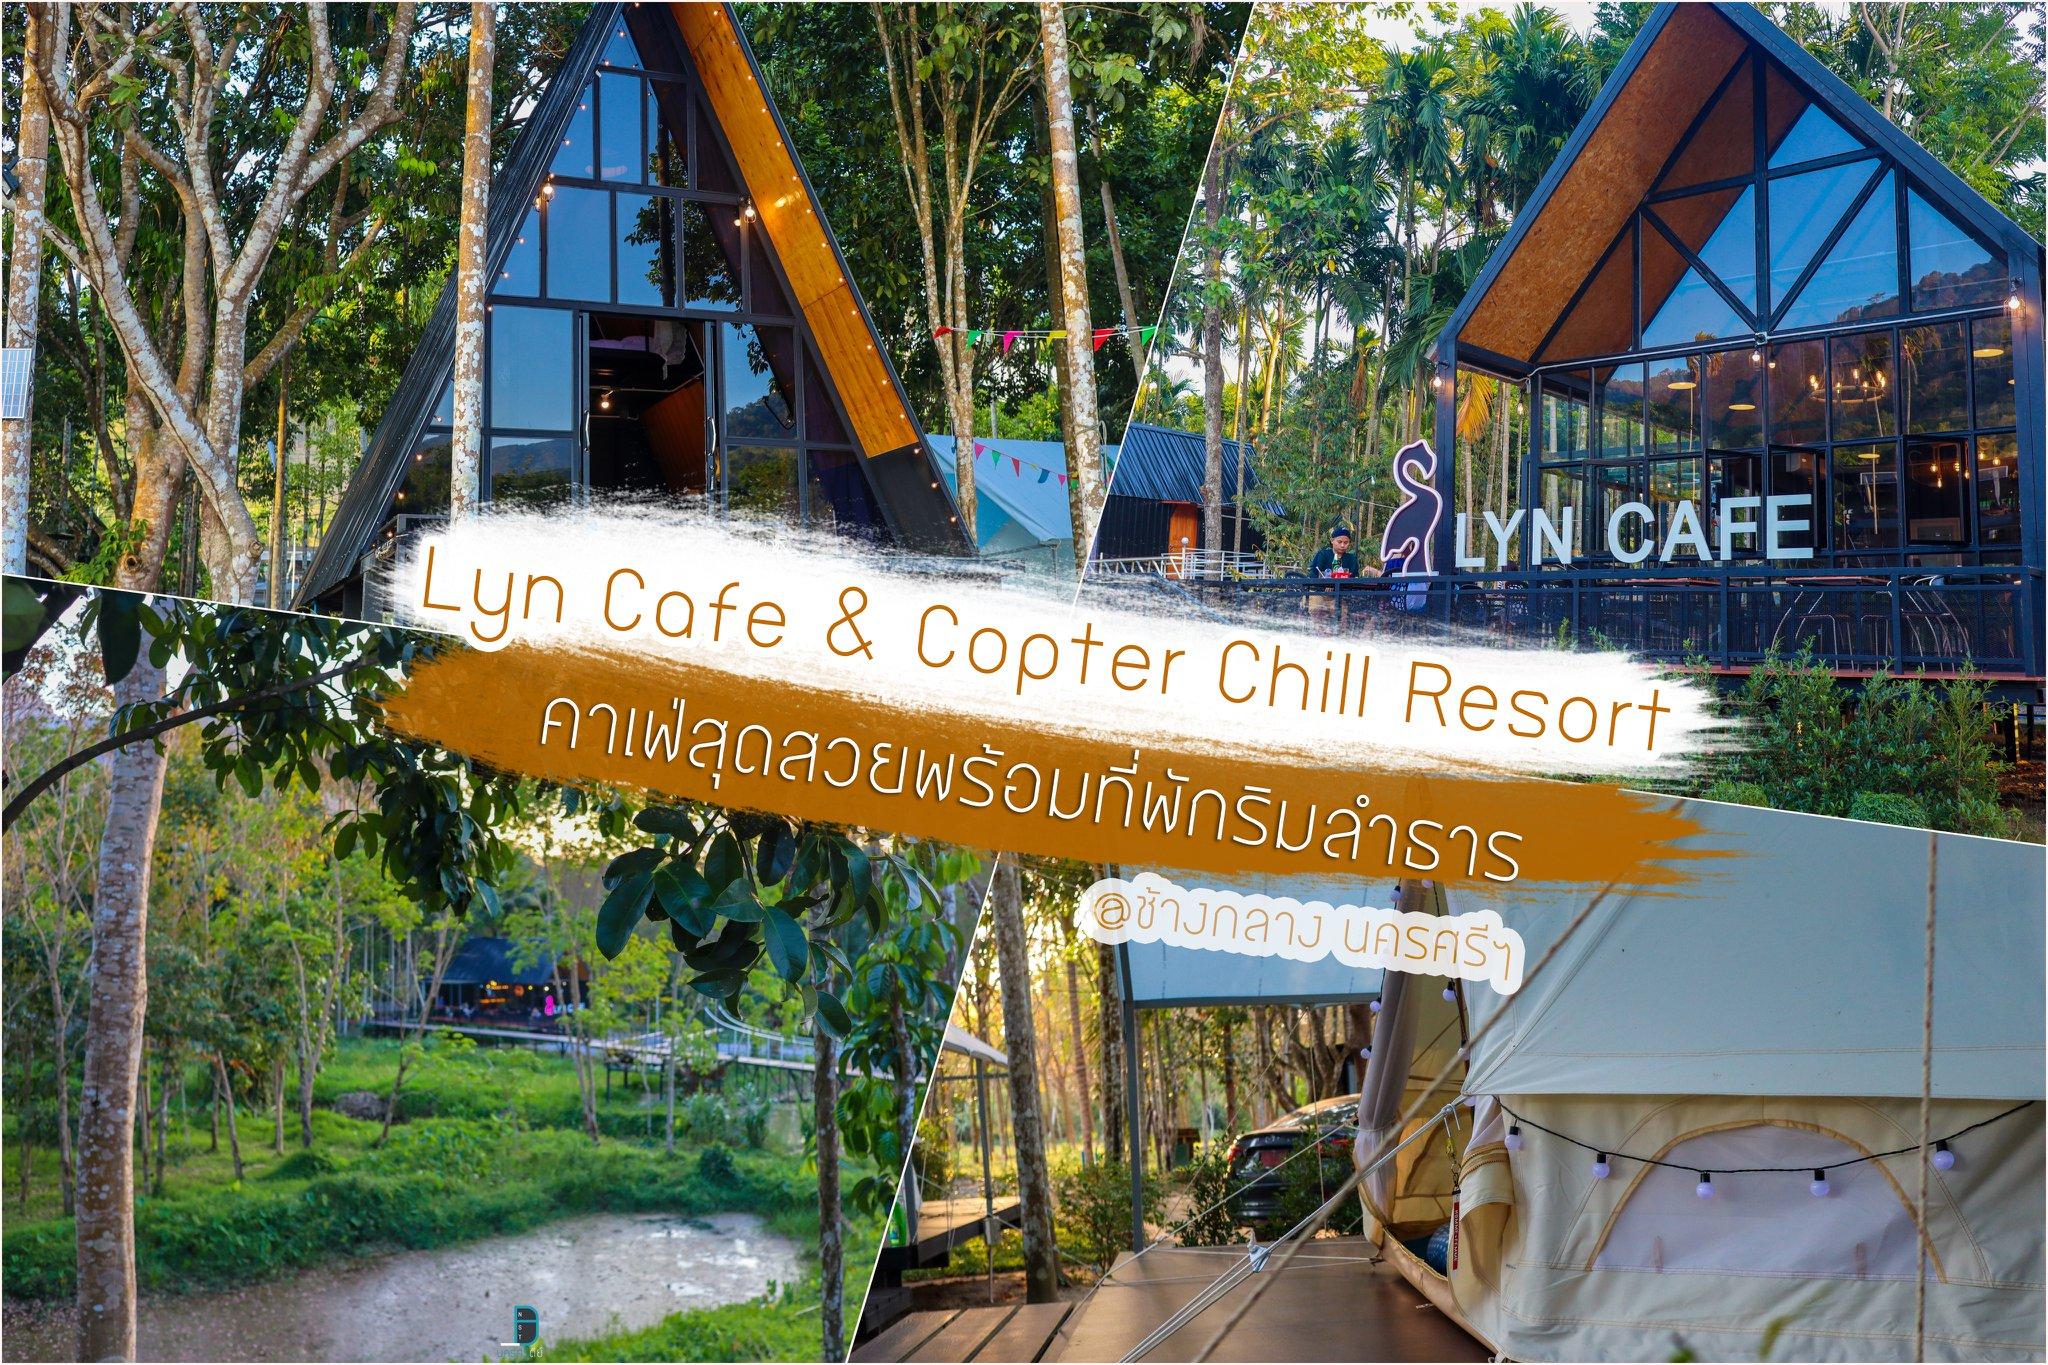 Lyn Cafe Copter Chill Resort จุดเช็คอินคาเฟ่สุดสวยพร้อมที่พักริมลำธาร at ช้างกลาง